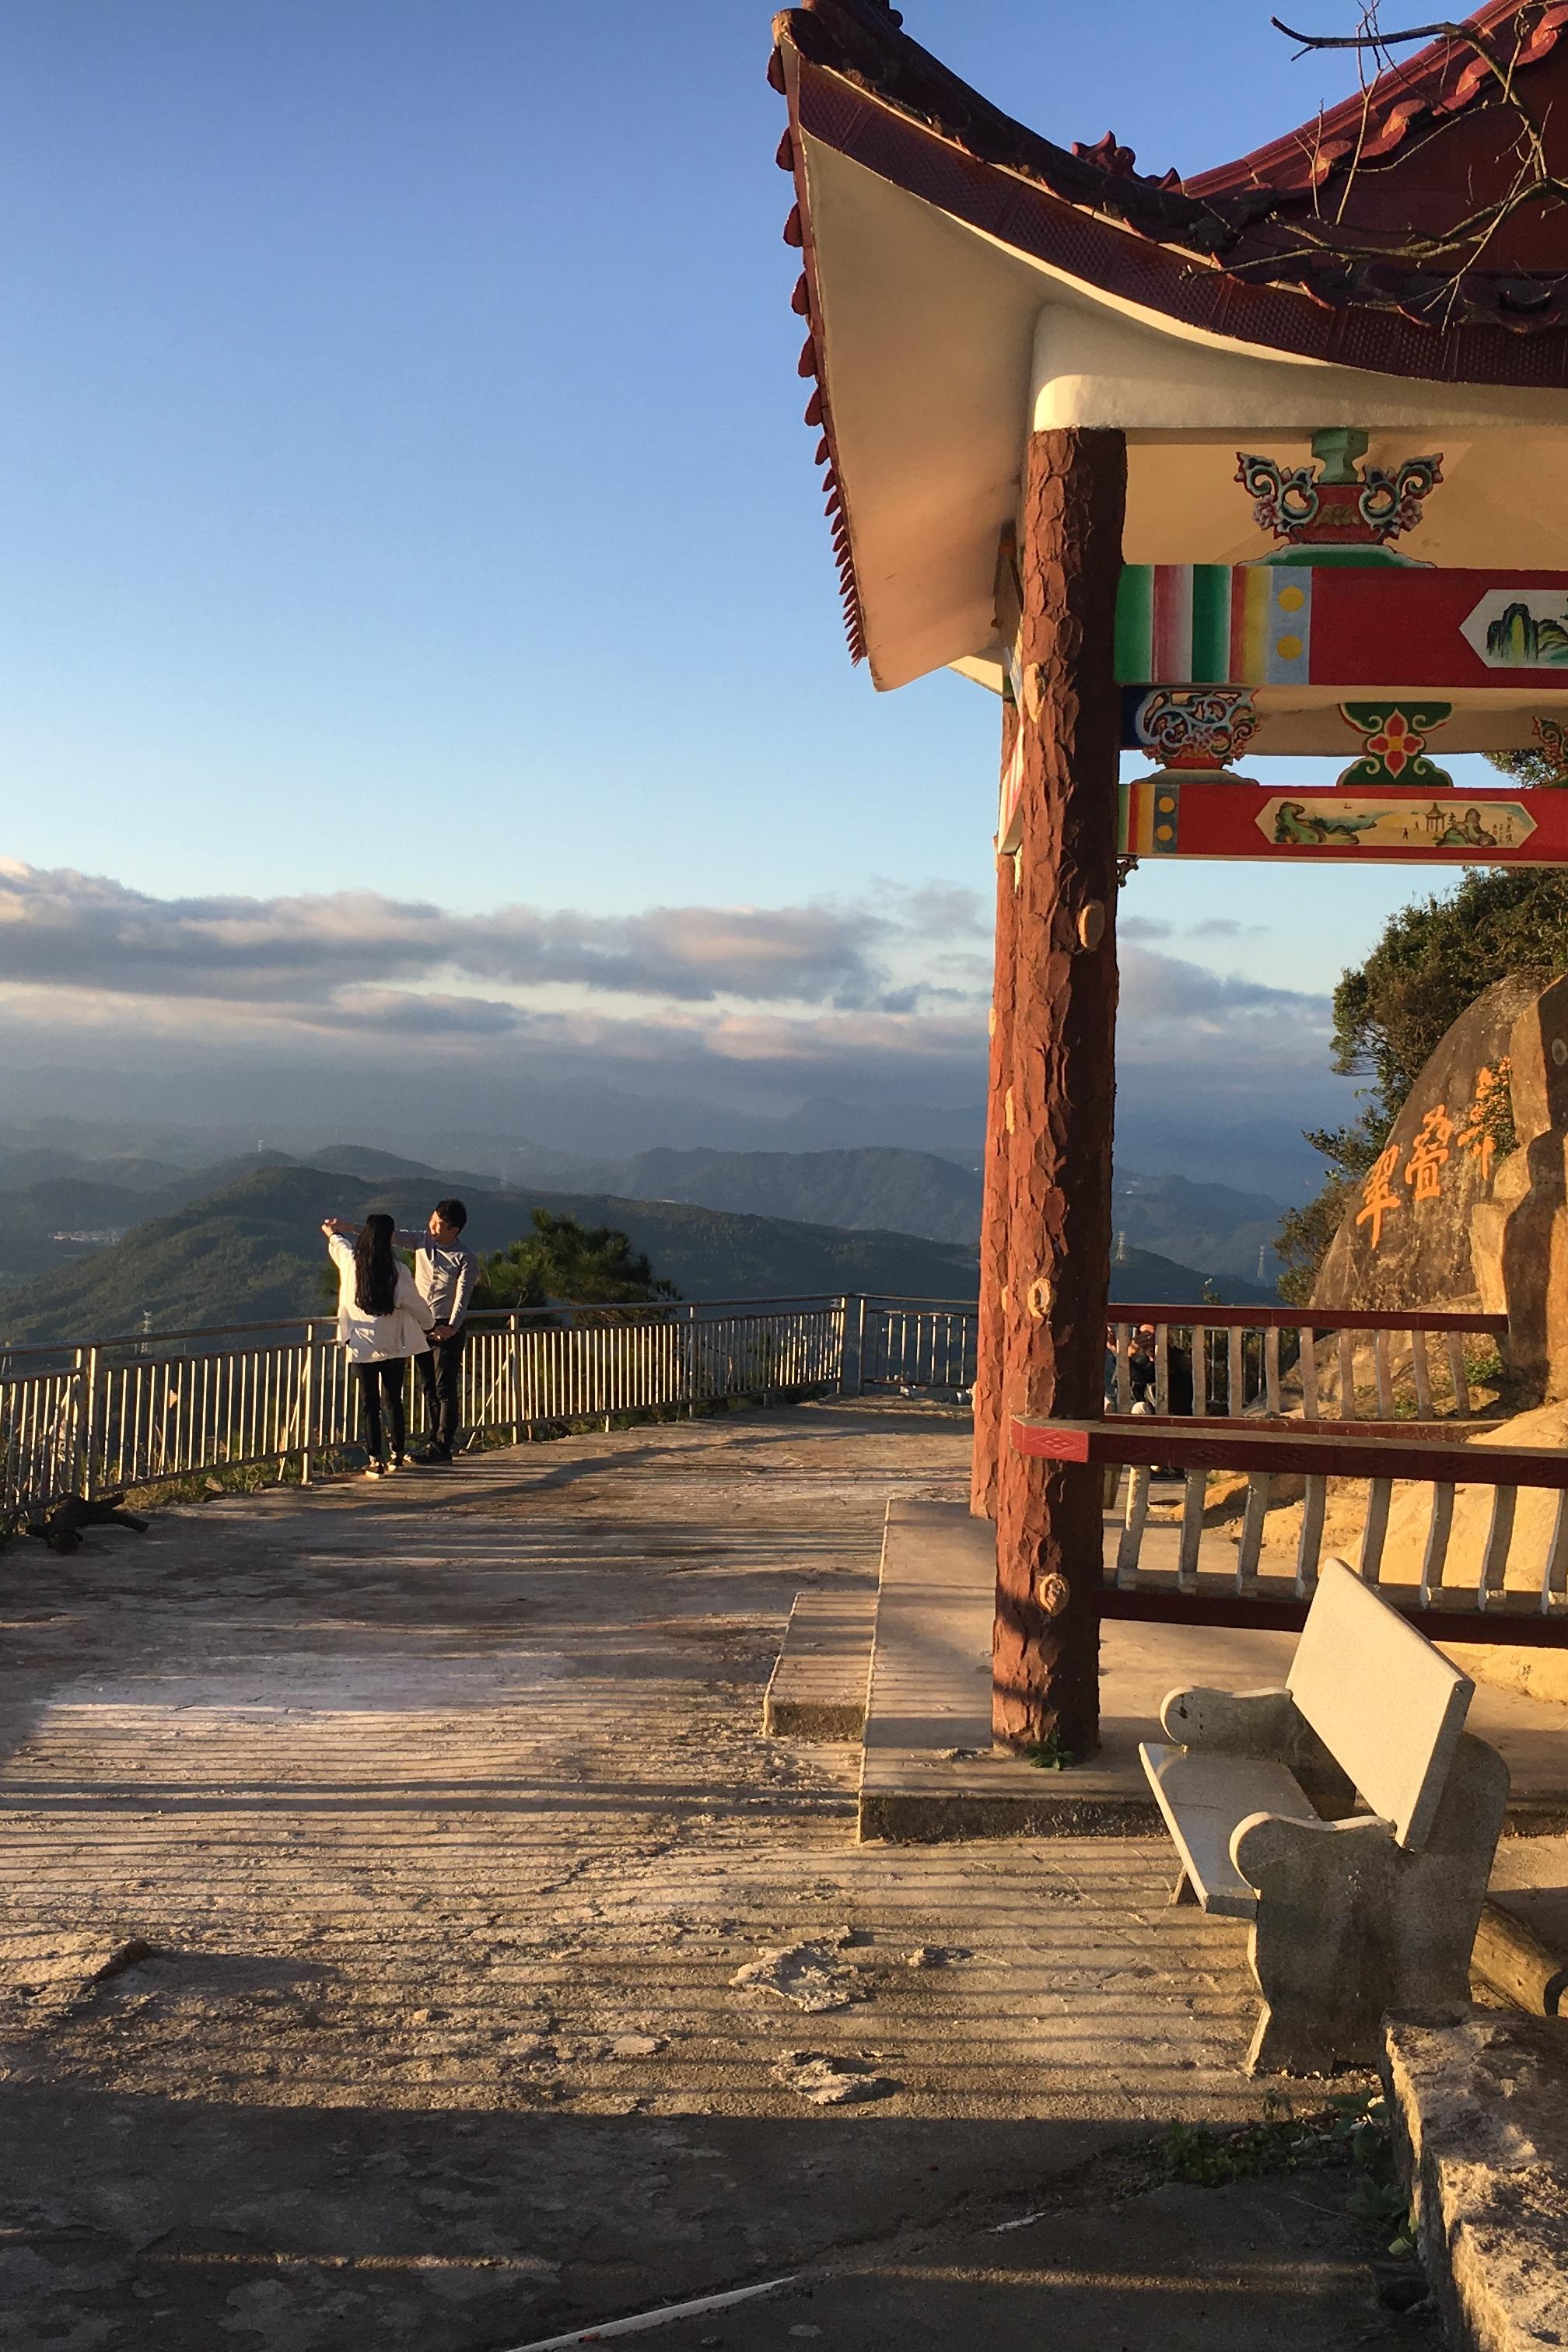 4月9日 徒步九华山 再不爬我们都发霉了